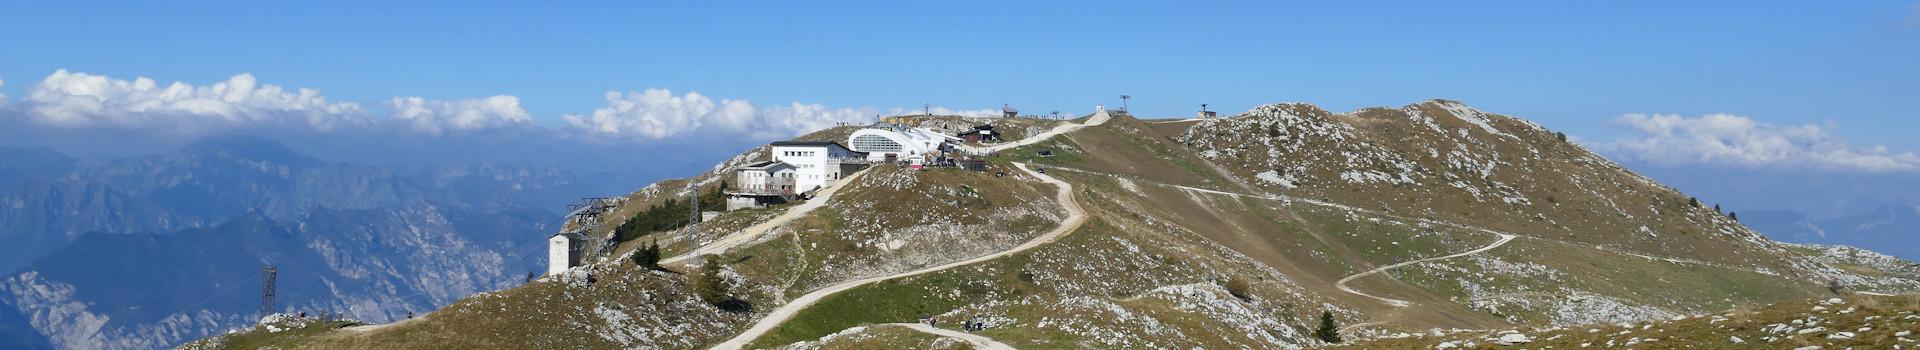 Monte Baldo – Cima delle Pozzette